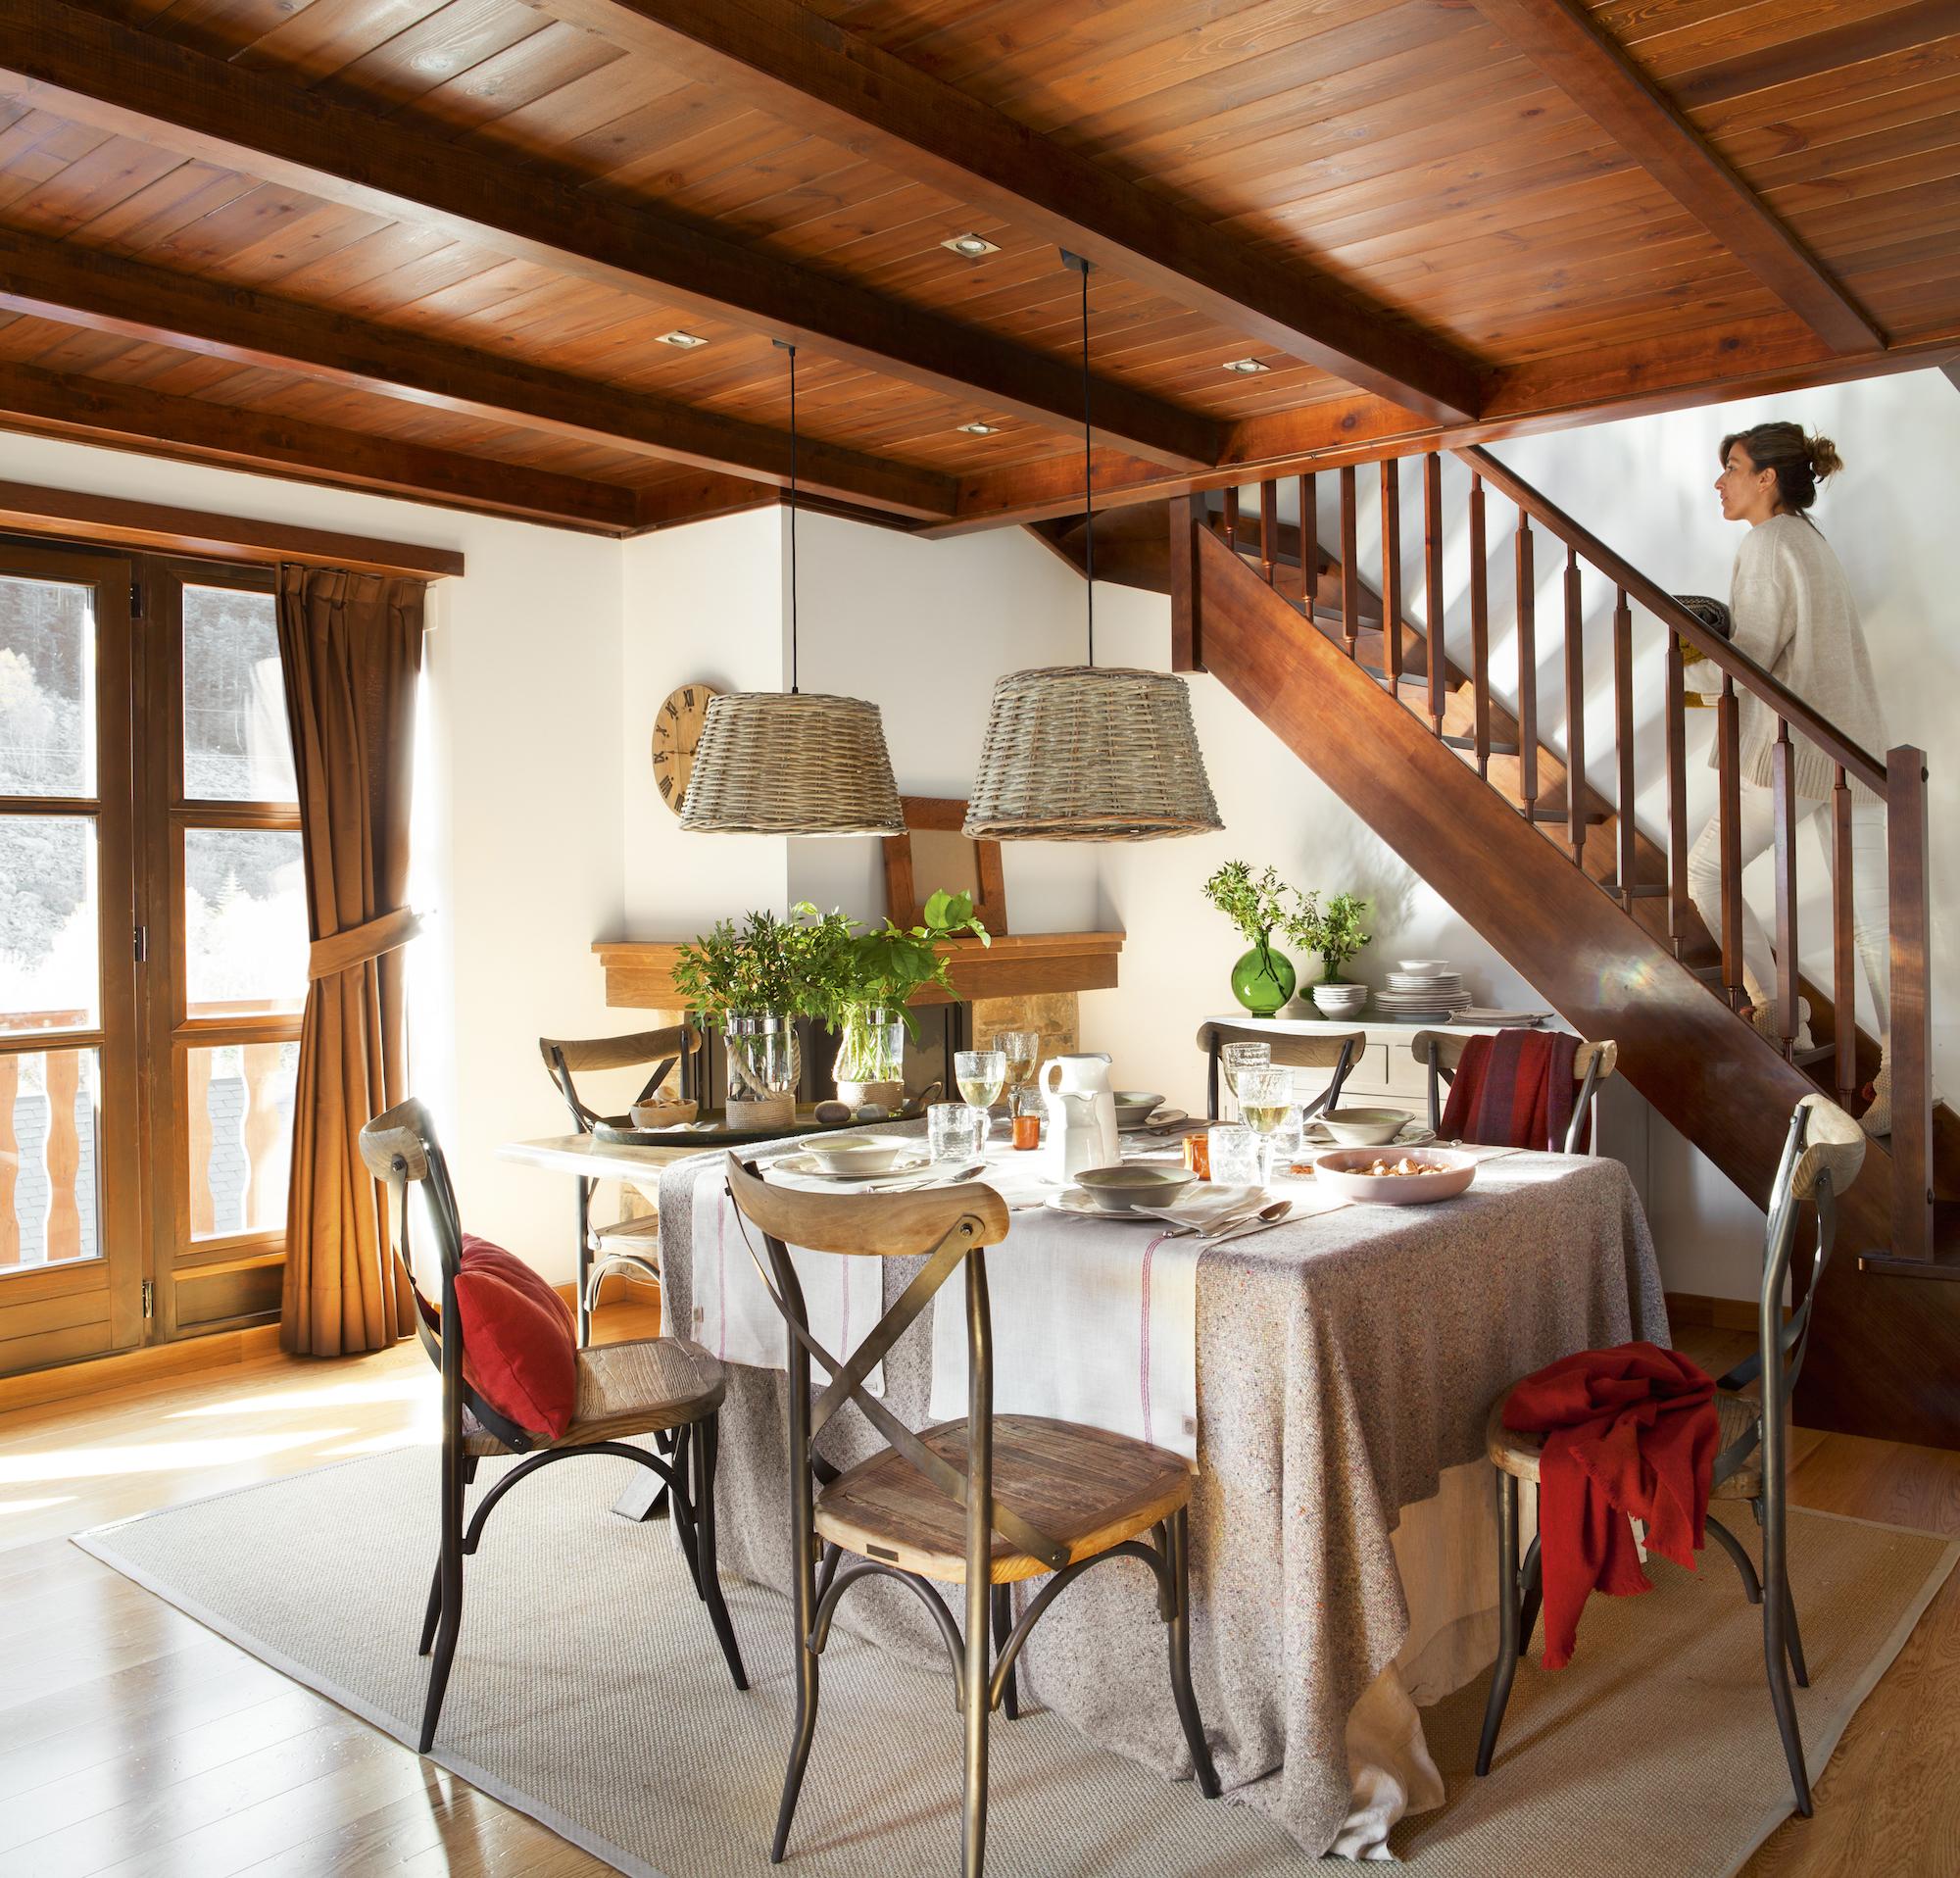 Casas rústicas de madera madera rústicas Casas de wPuOkiZXT